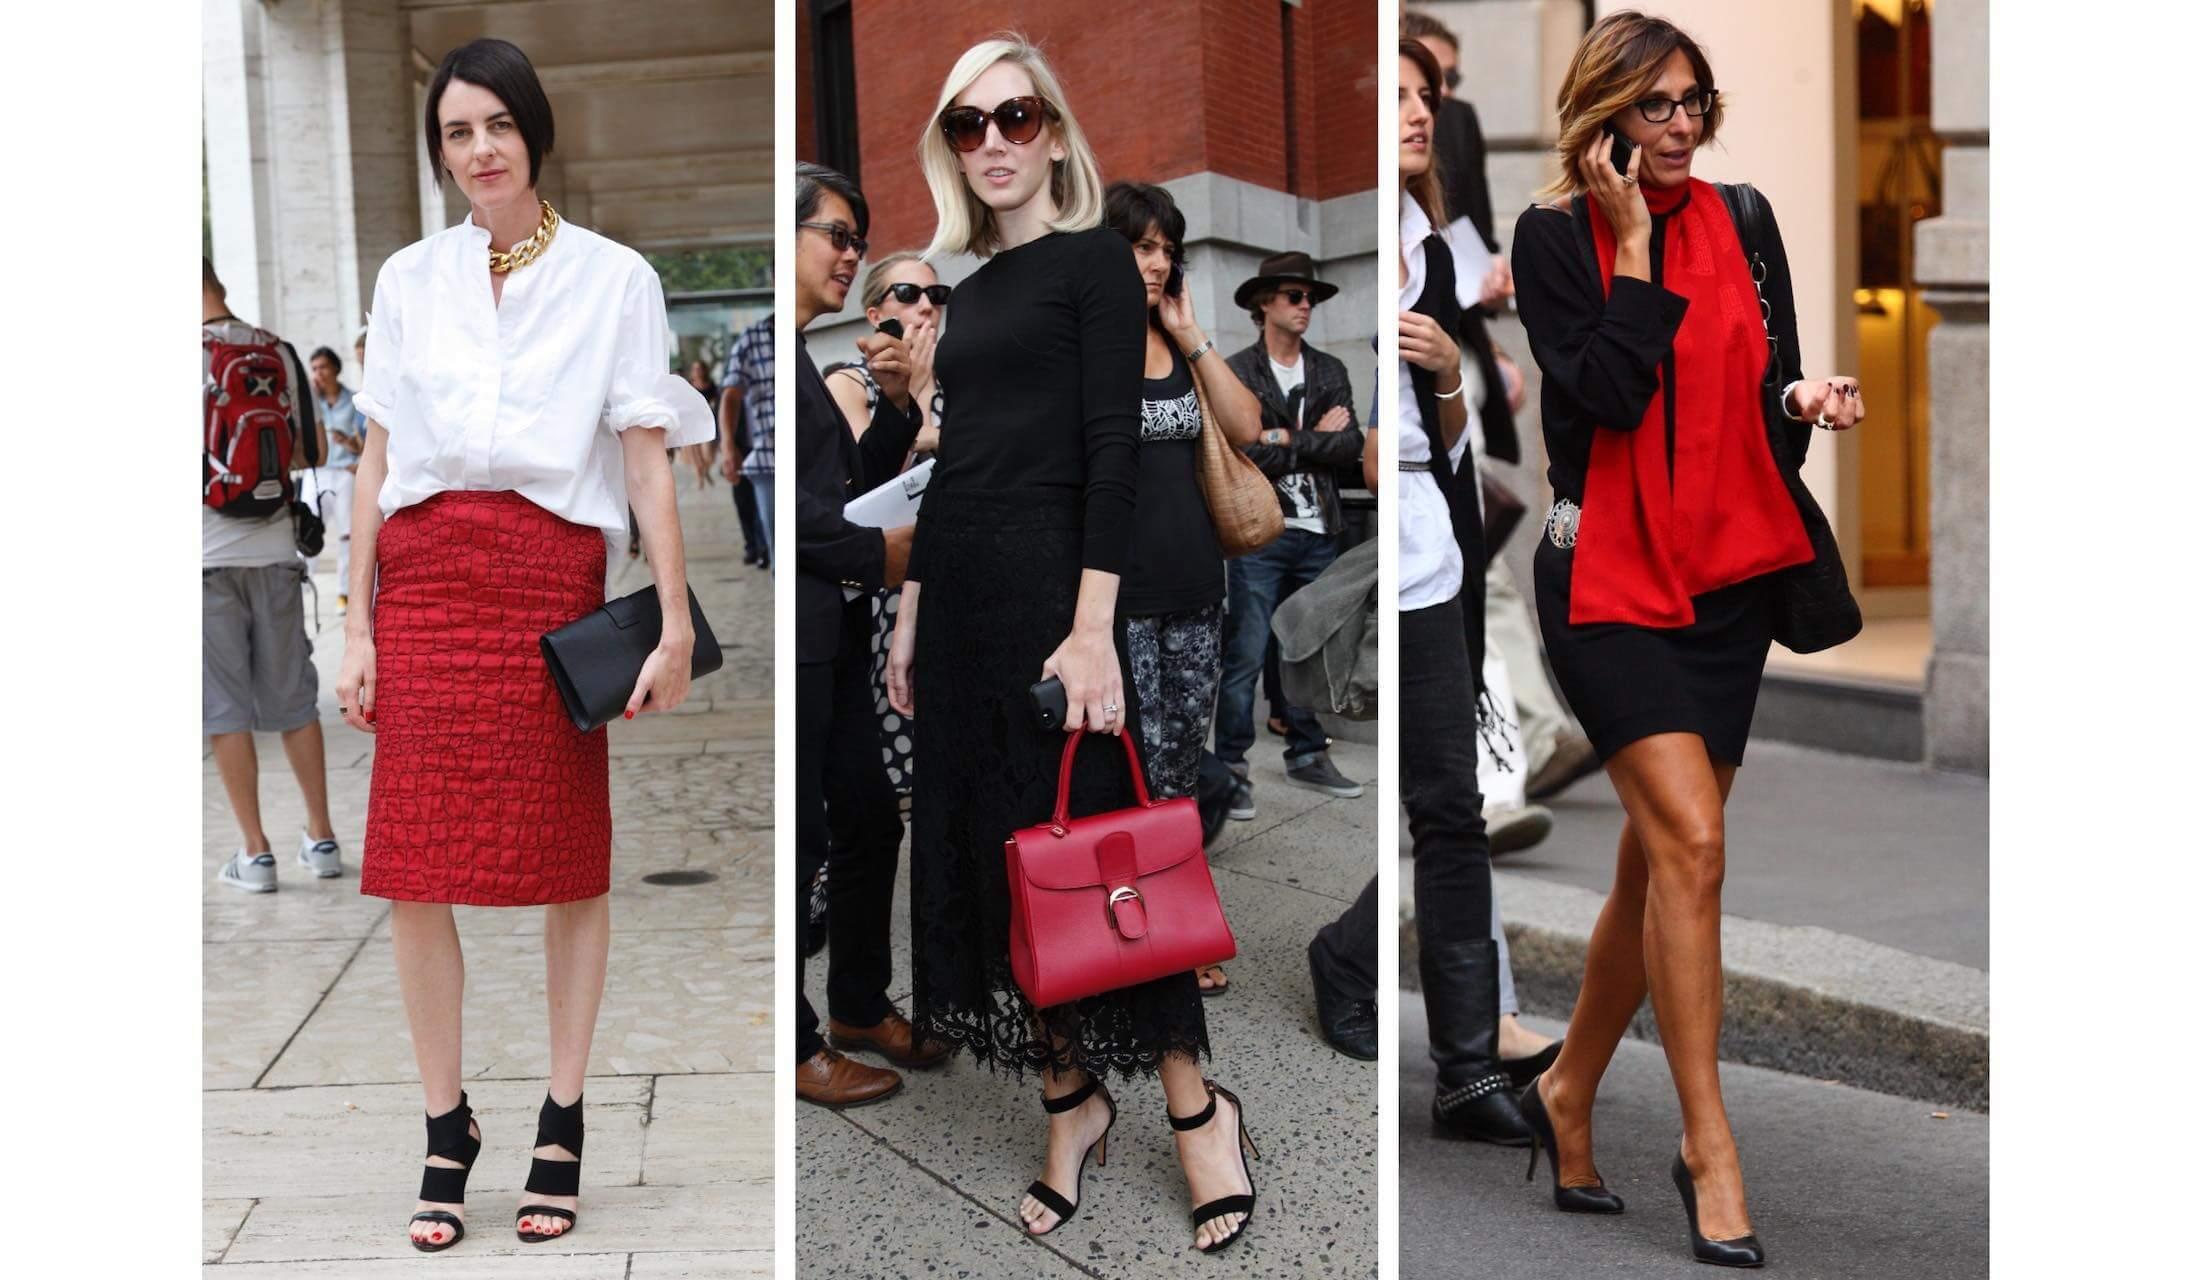 ミラノ&N.Y.マダムの着こなし 「鮮烈の赤」コーデ 10選